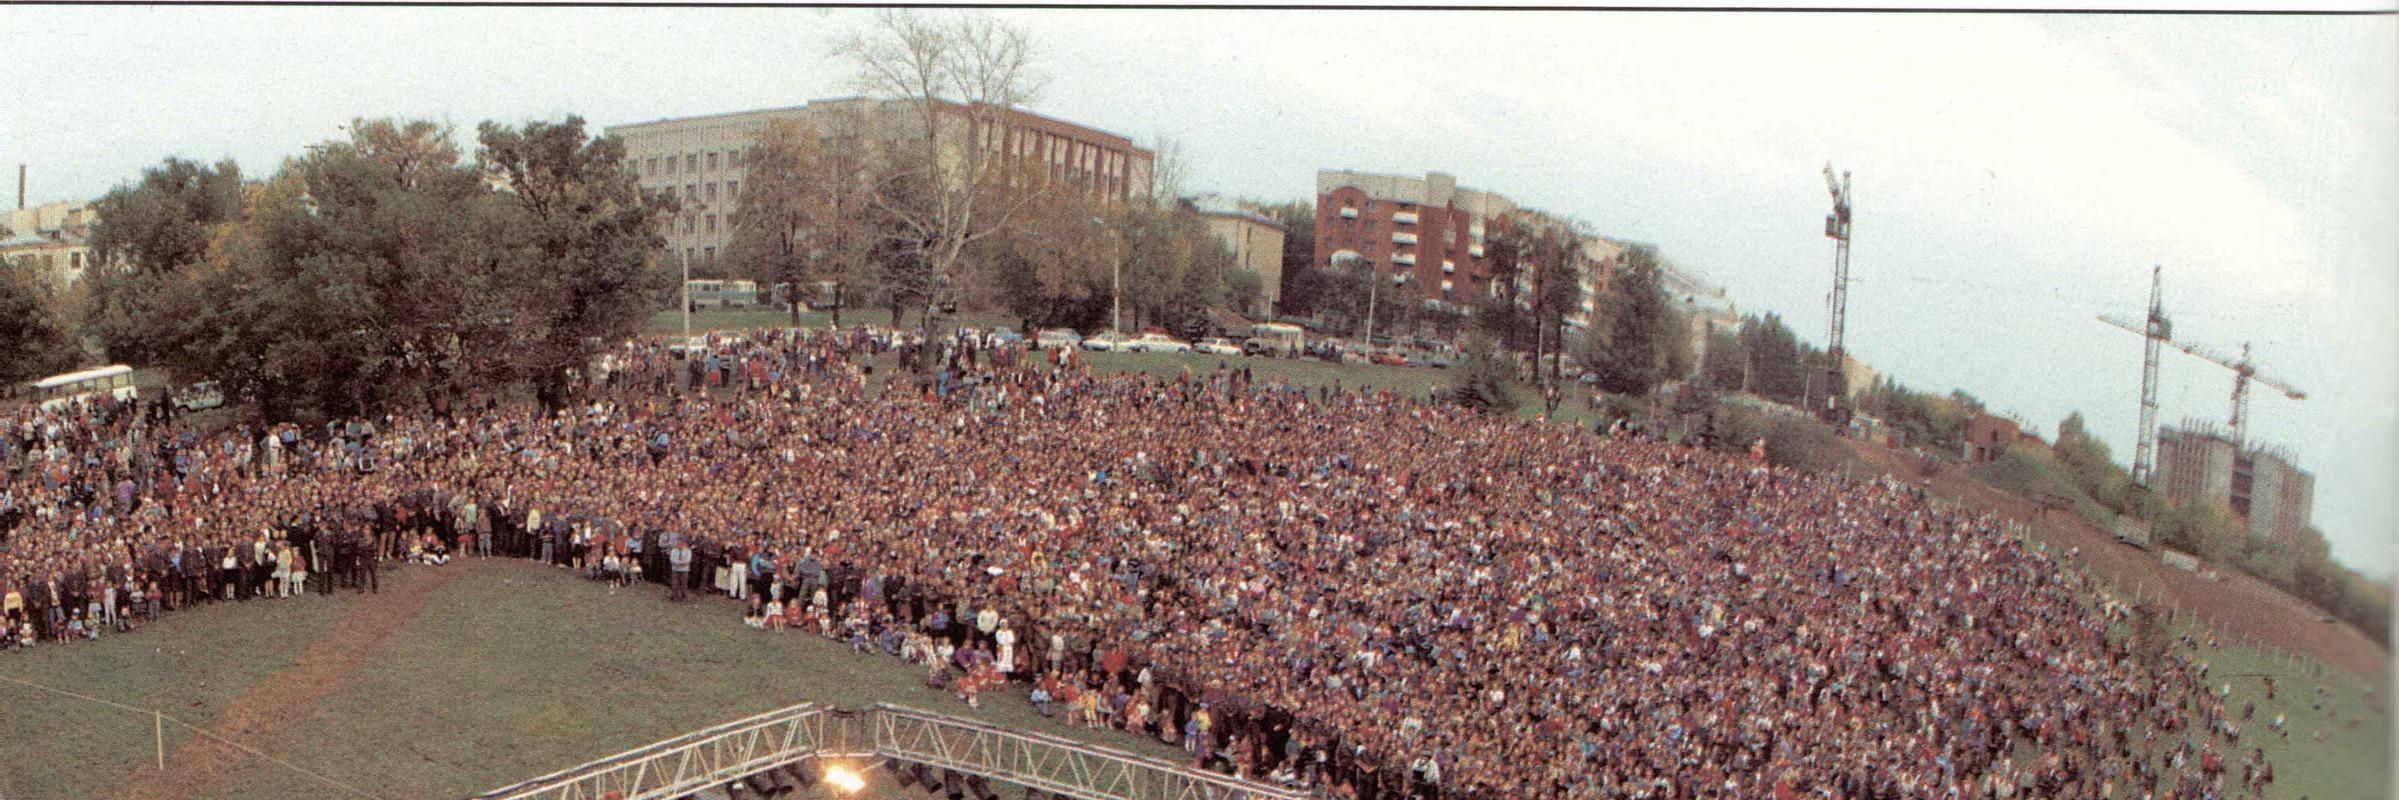 День города на улице Урицкого, август 1994 года